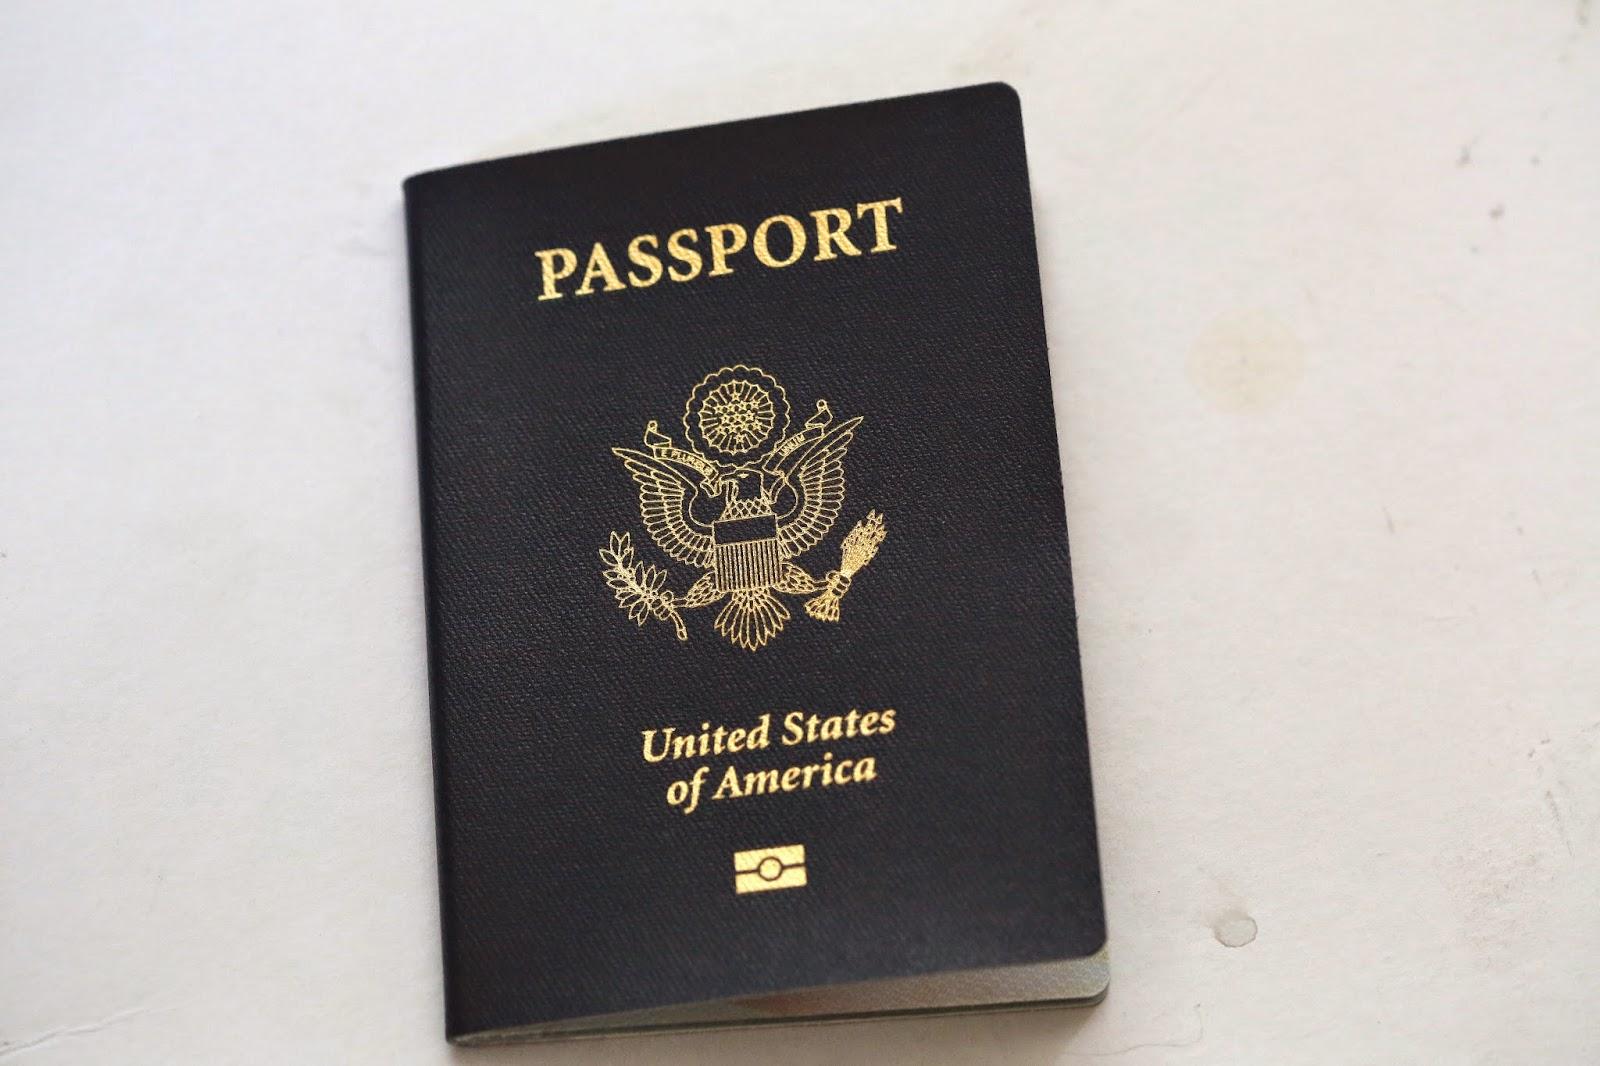 Best way to get a passport photo